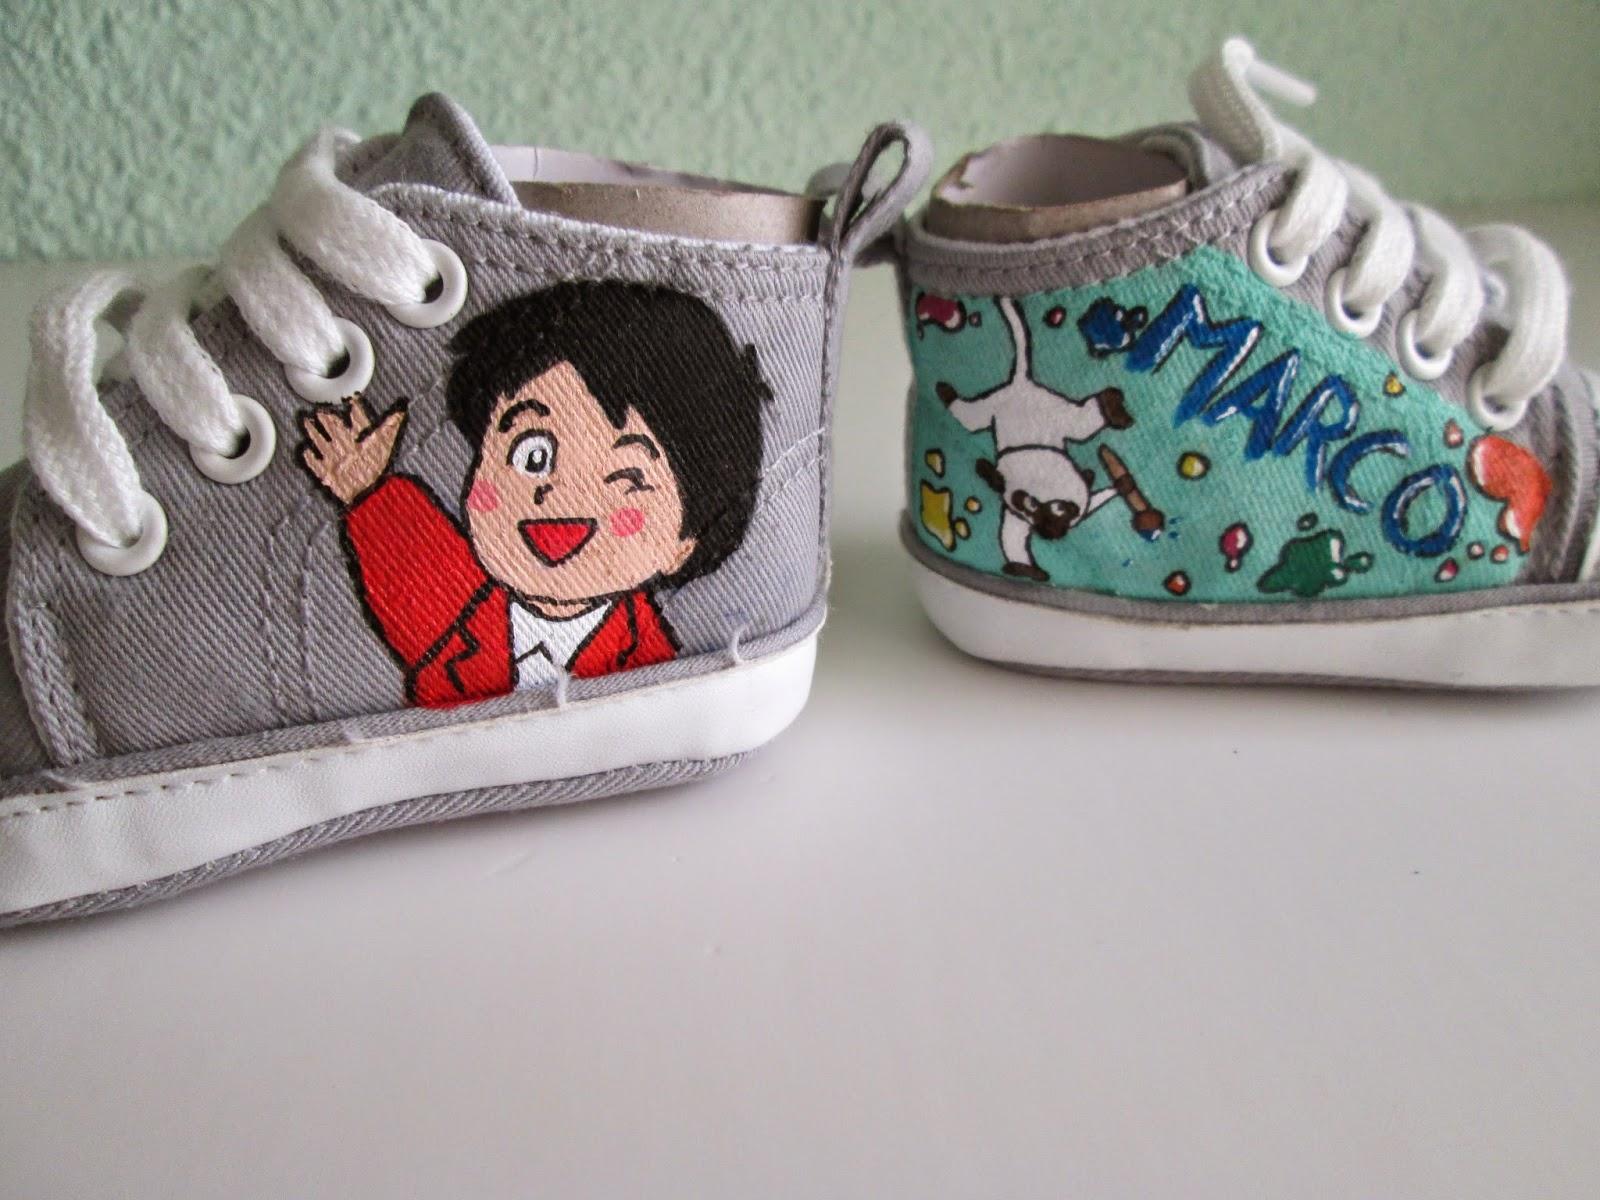 zapatillas bebe pintadas personalizadas